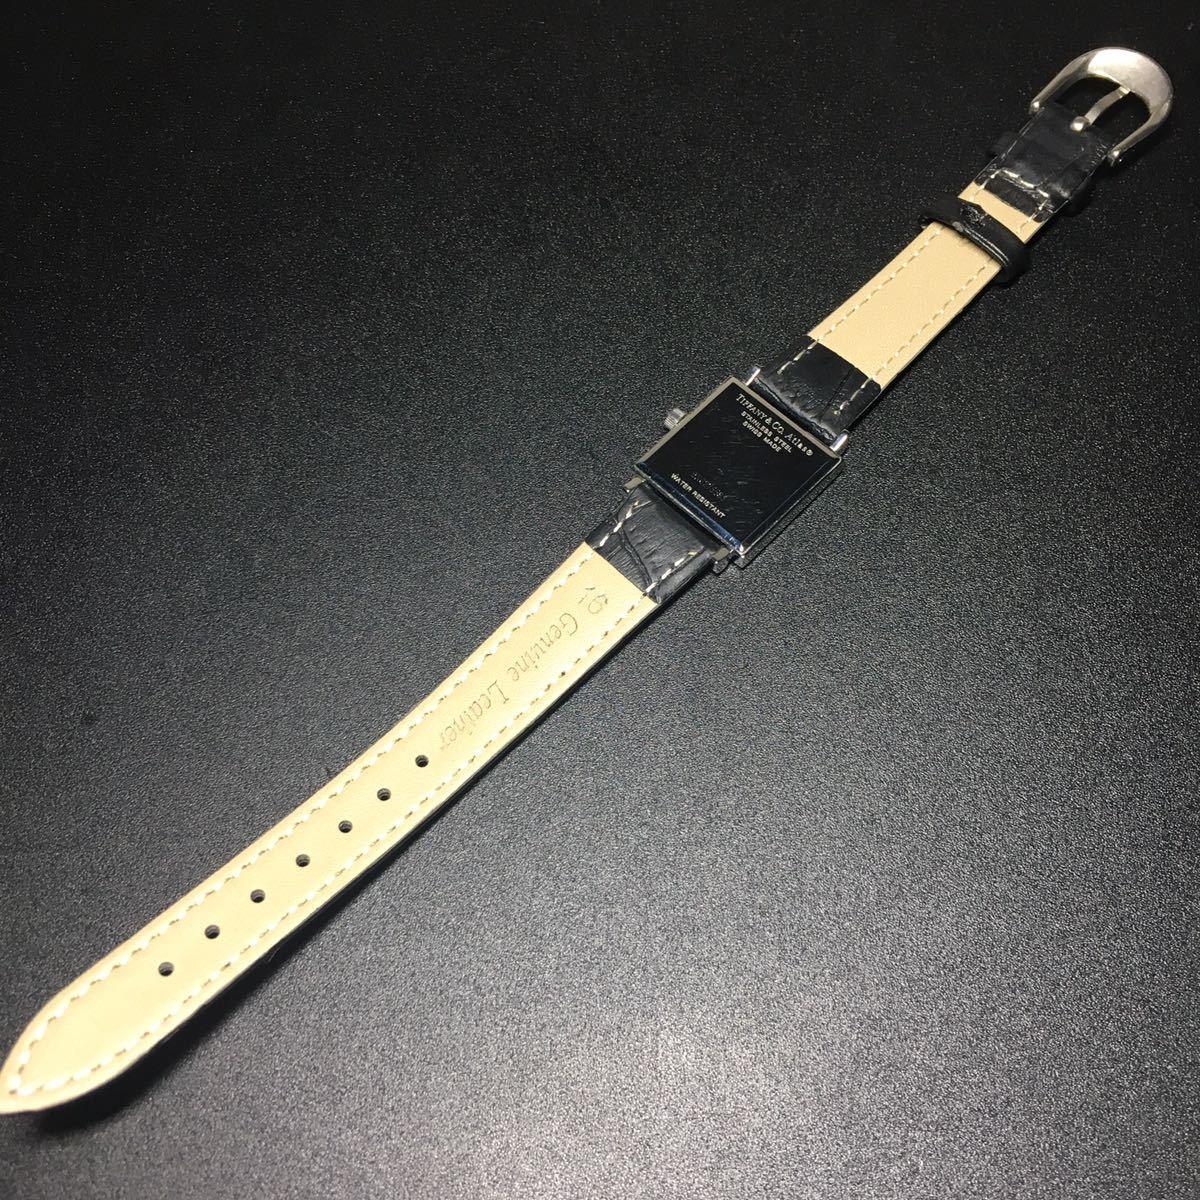 【美品 正規品】ティファニー 腕時計 アトラス スクエア レディース 可動品 時計 TIFFANY クオーツ 【2006Ti10】_画像9